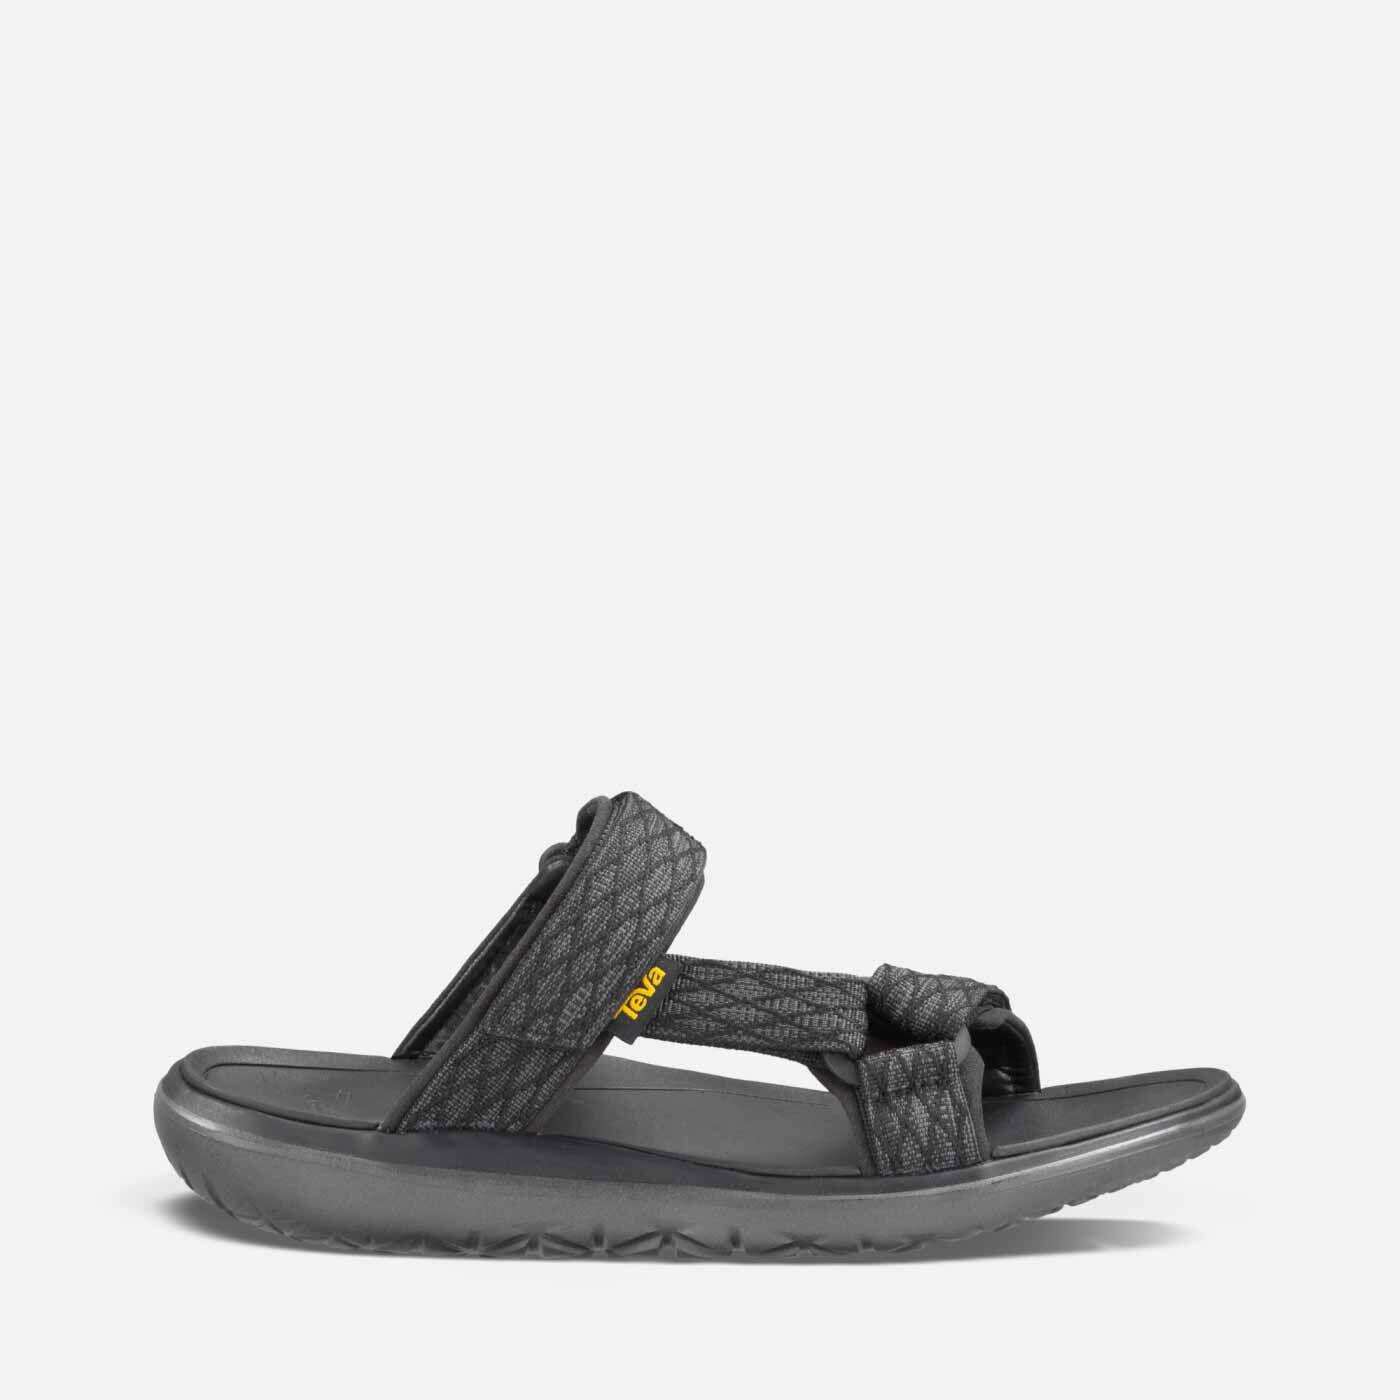 Black sandals for sale - Terra Float Slide